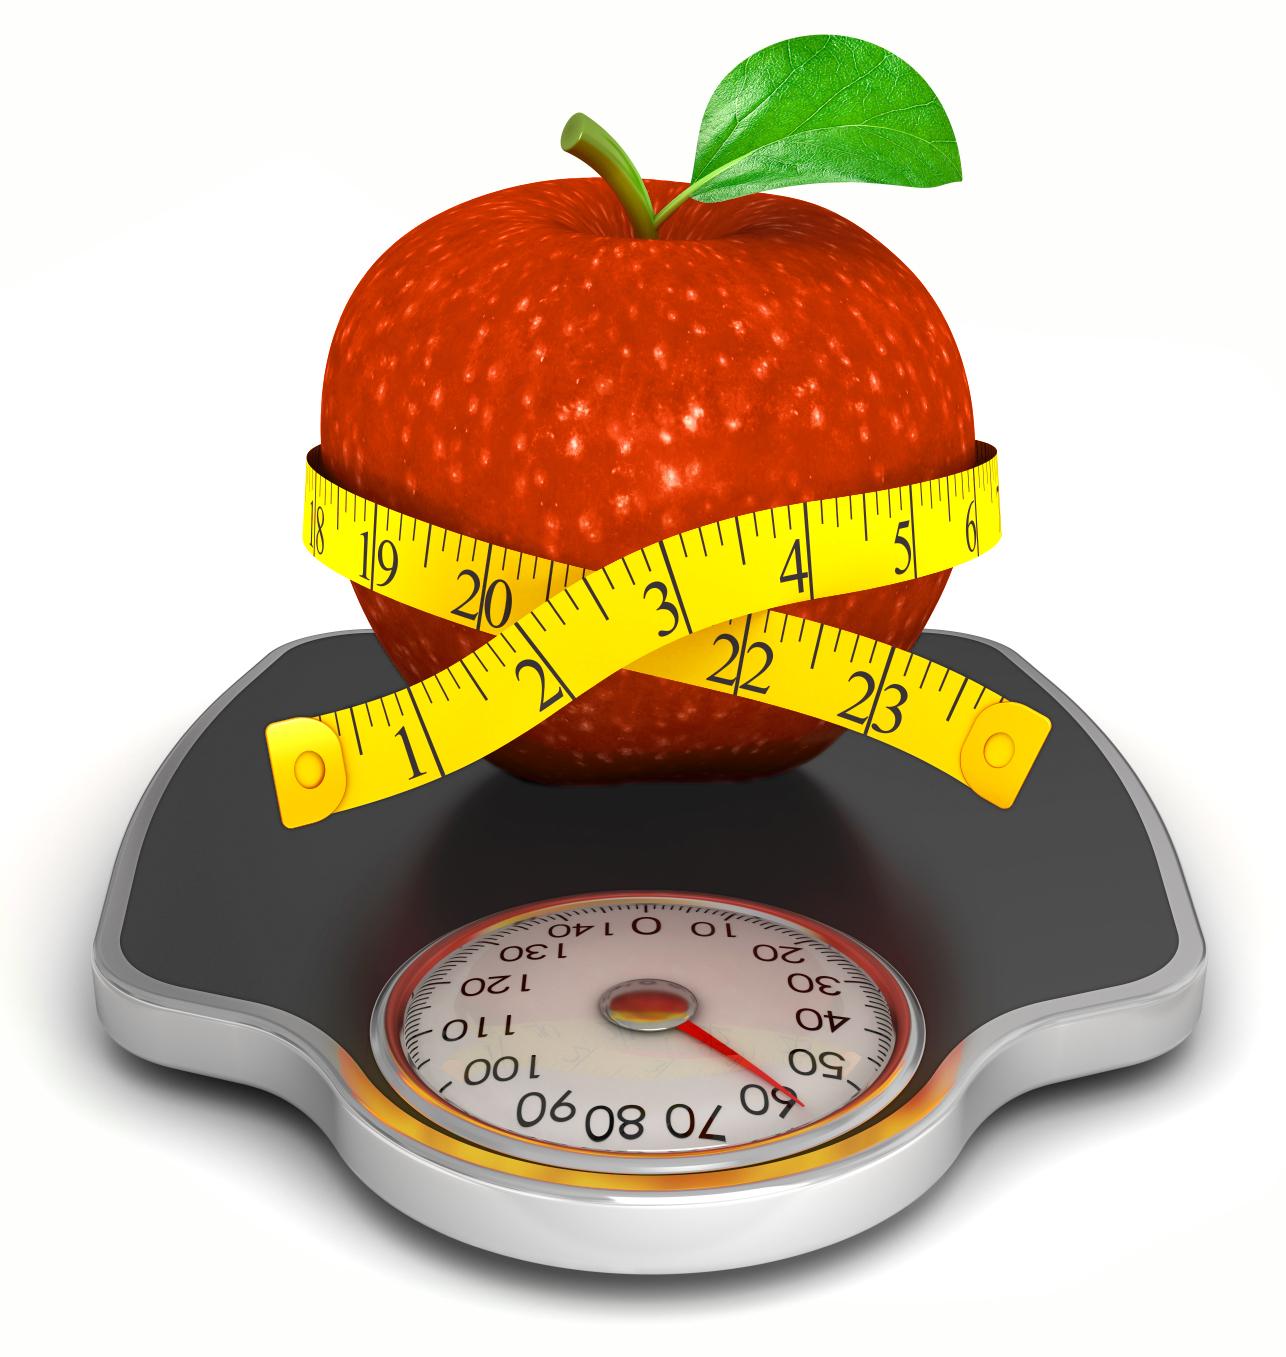 recetas-quema-grasas-dieta-calorias-adelgazar-sanas-ligeras